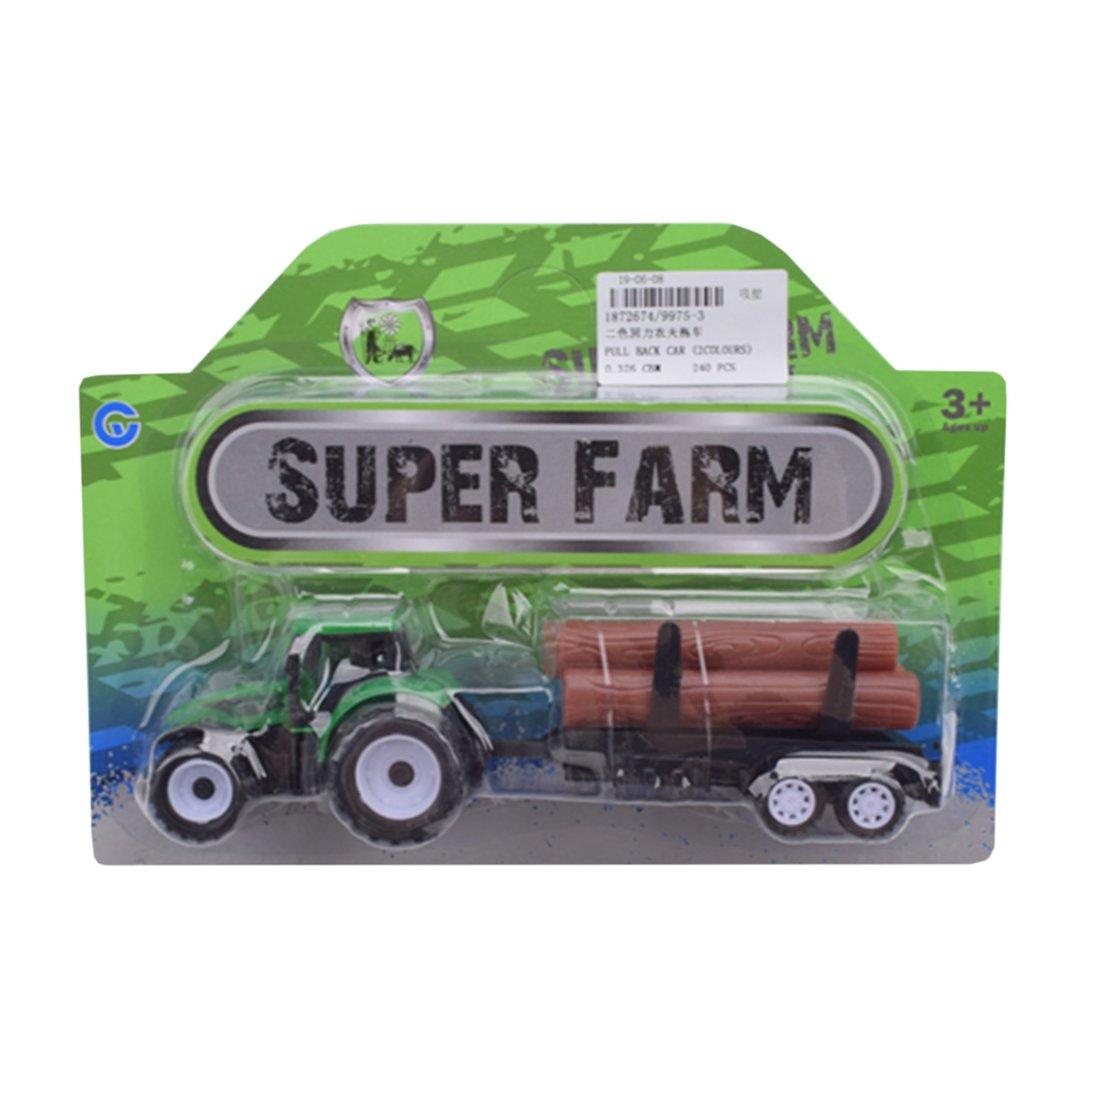 Игр.набор Фермер, в комплекте: трактор инерц. с прицепом, предметы 3шт., блистер